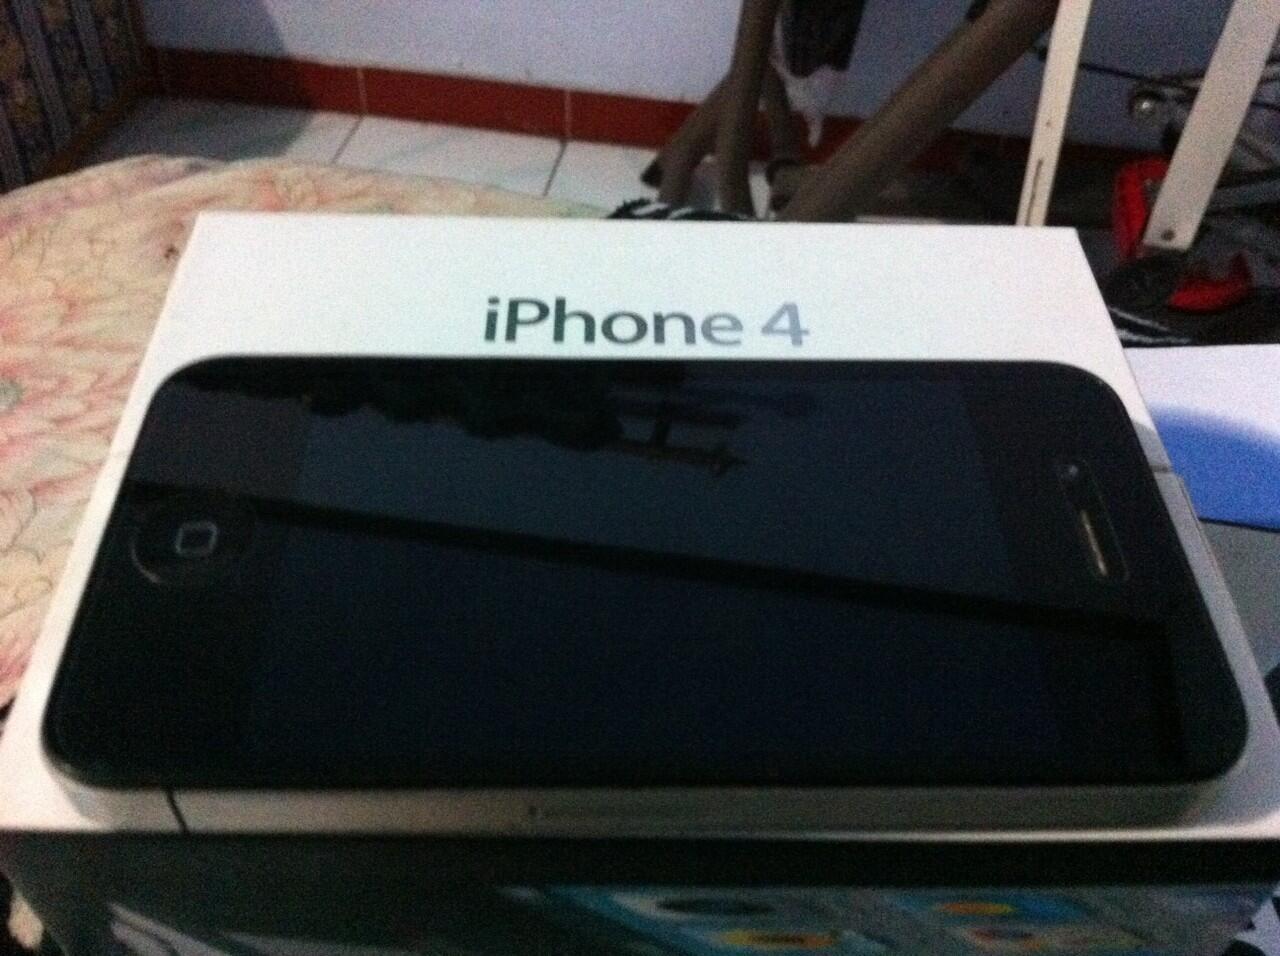 iphone 4 black FU 16gb bogor